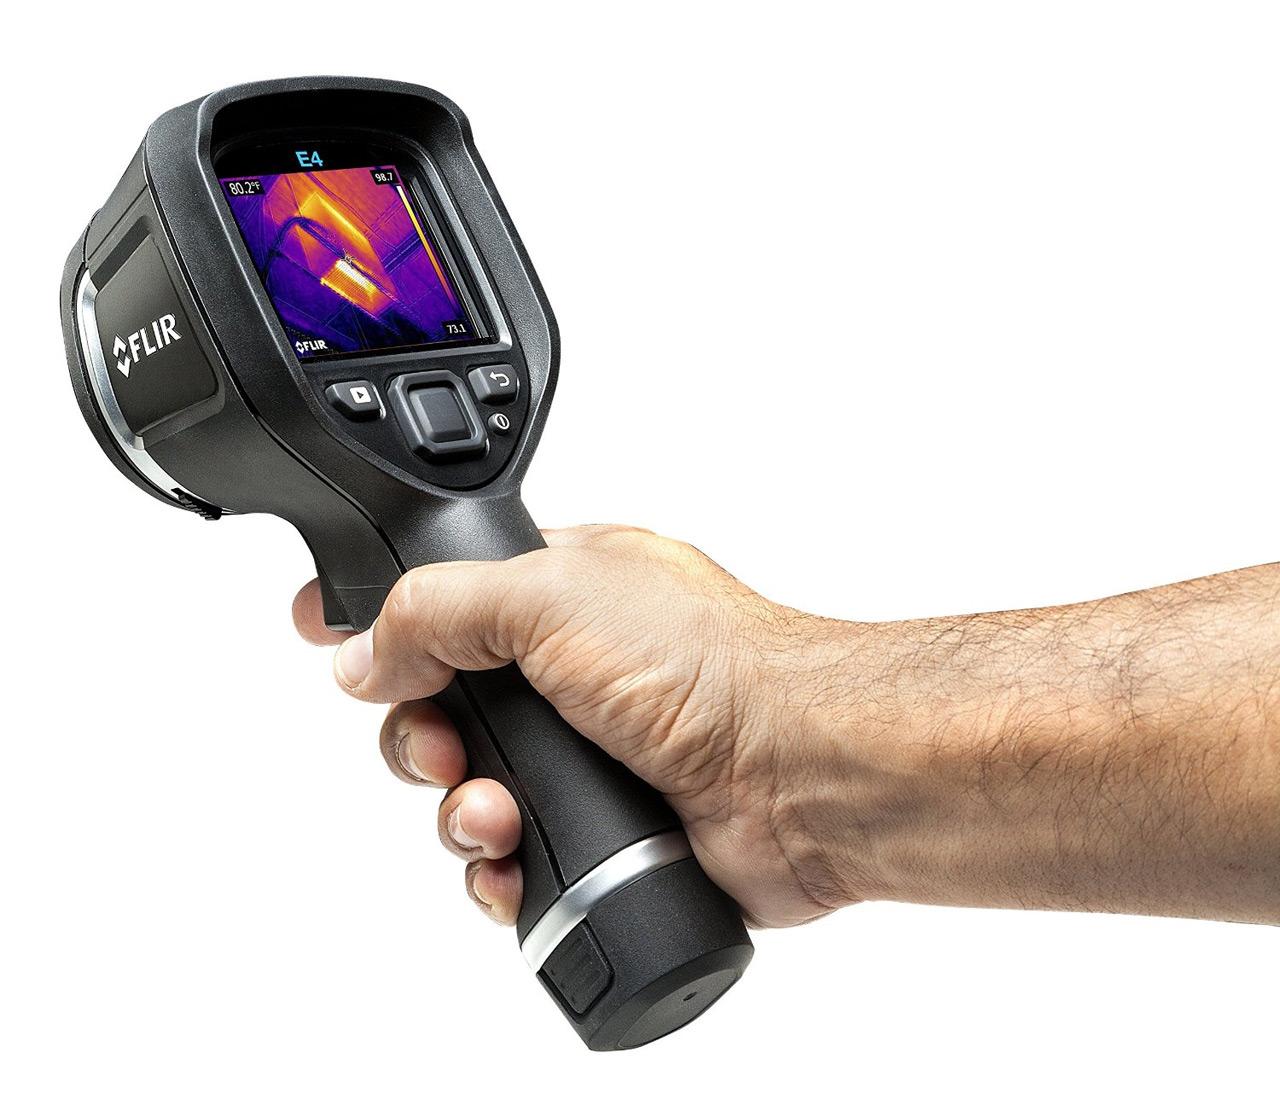 FLIR thermal camera - Thermal Imaging Blog